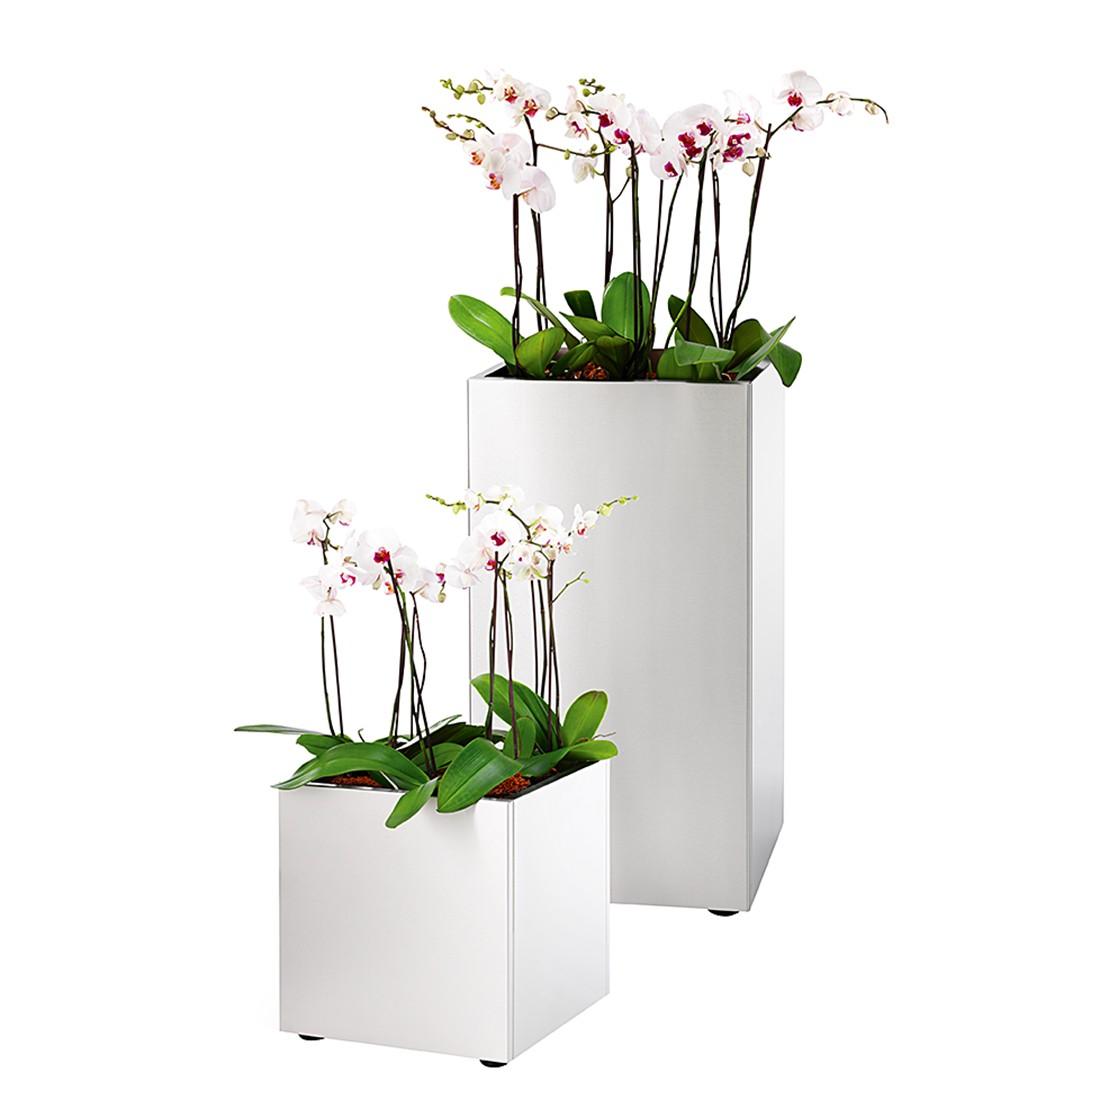 Pflanzgefäß Greens (30 cm) - Edelstahl - Höhe: 75 cm, Blomus